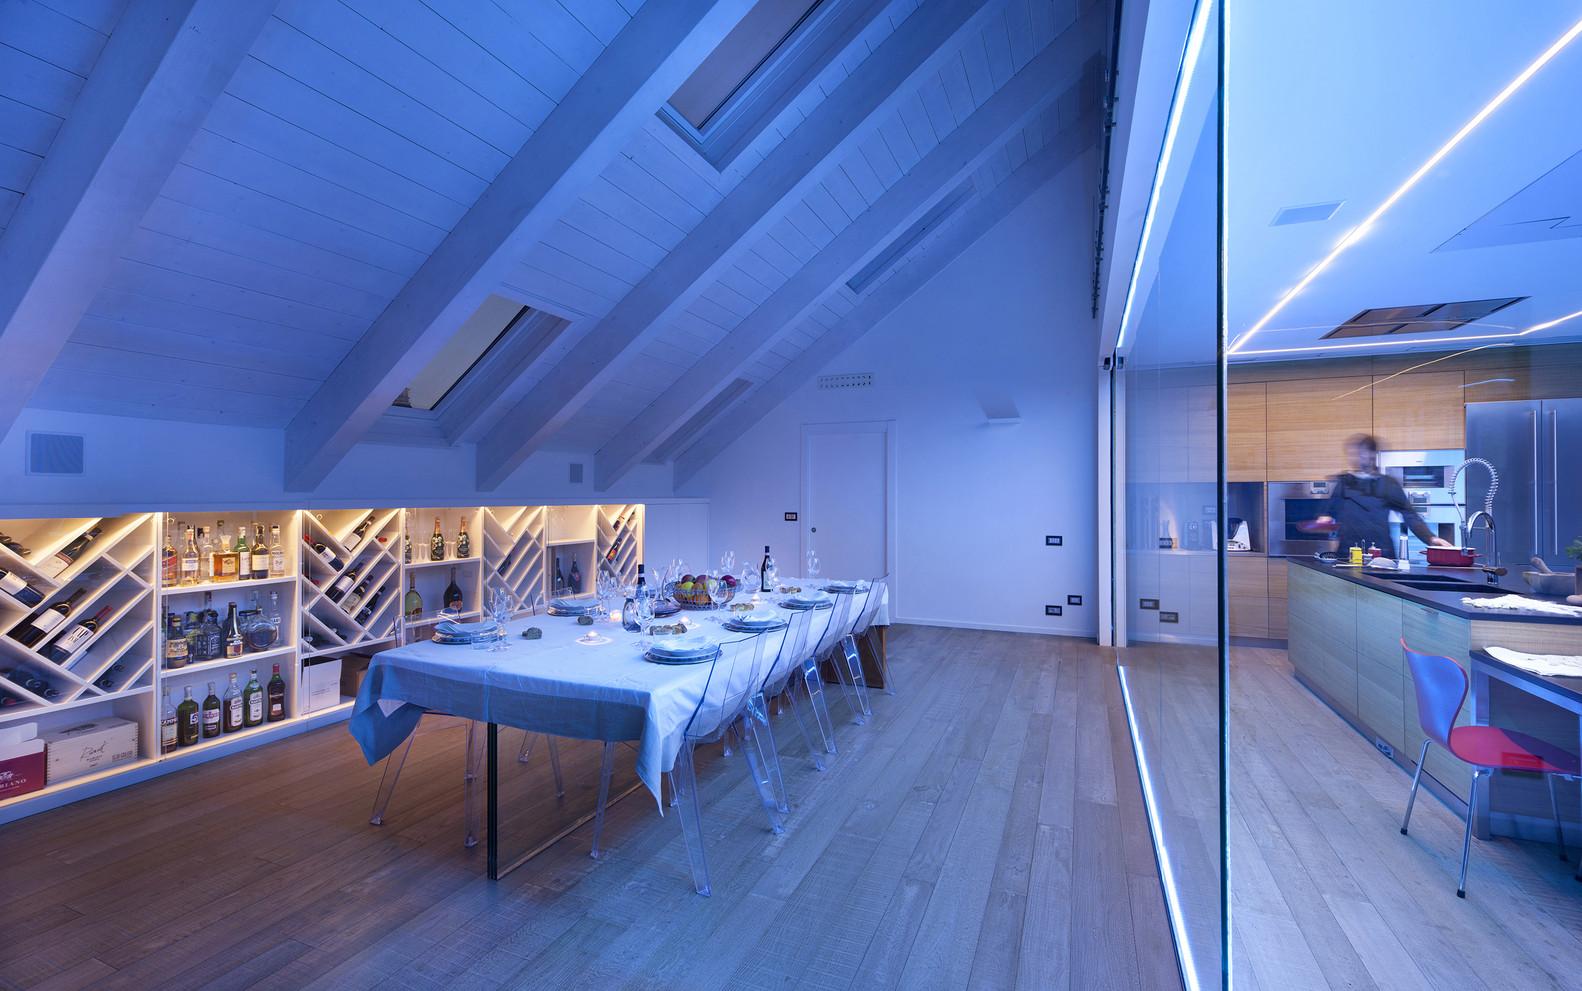 Una mansarda nel palazzo pi bello del mondo for Foto interno case belle